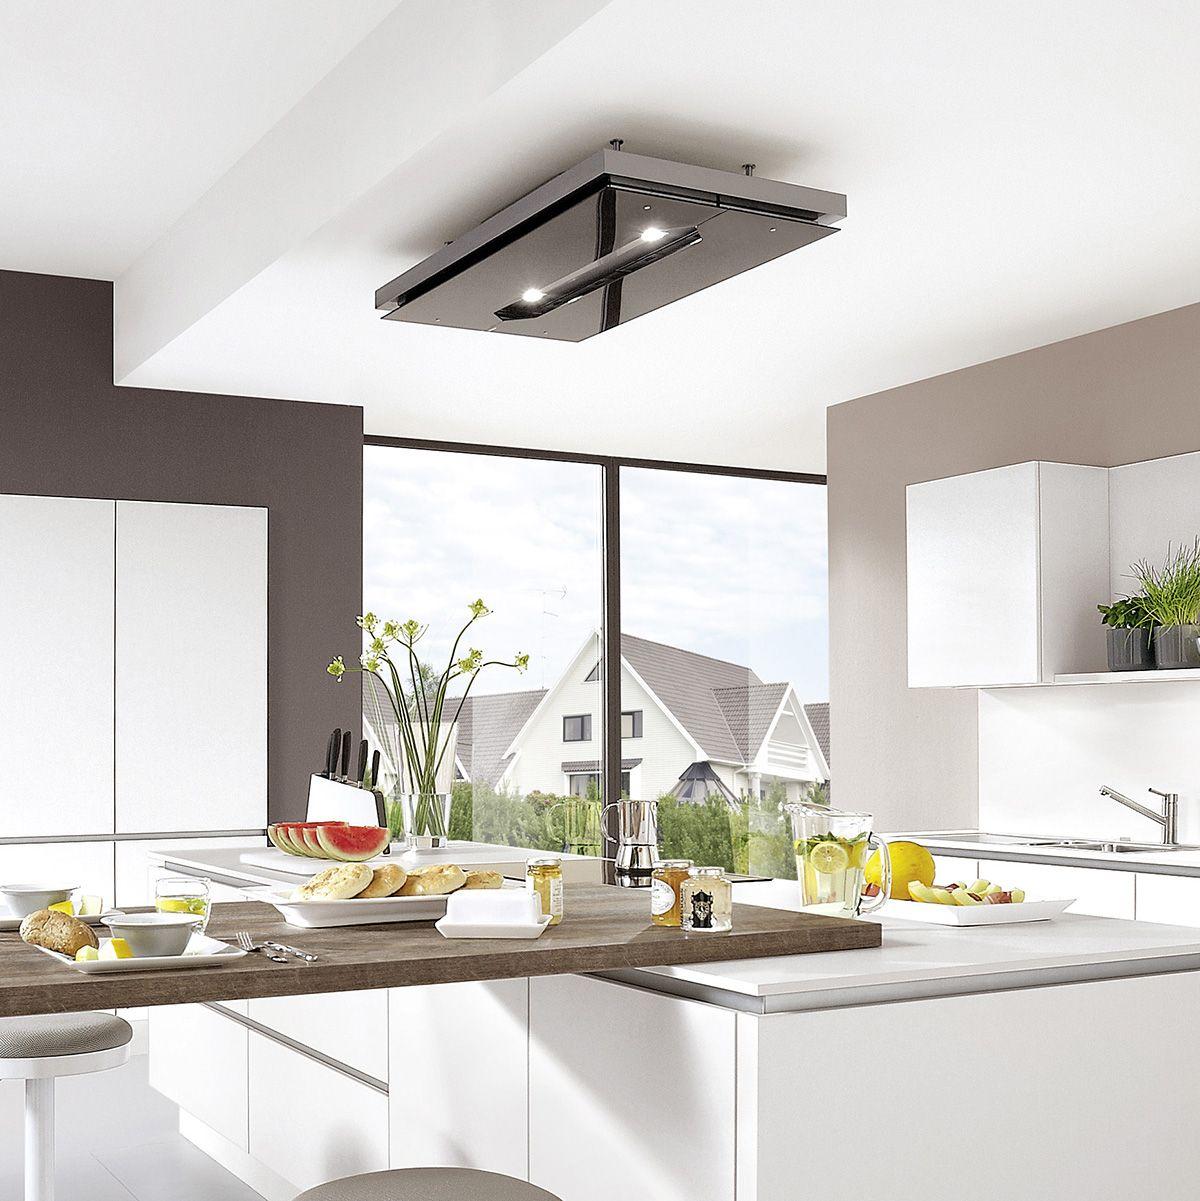 Ungewöhnlich Kücheninsel Plant Pdf Bilder - Ideen Für Die Küche ...